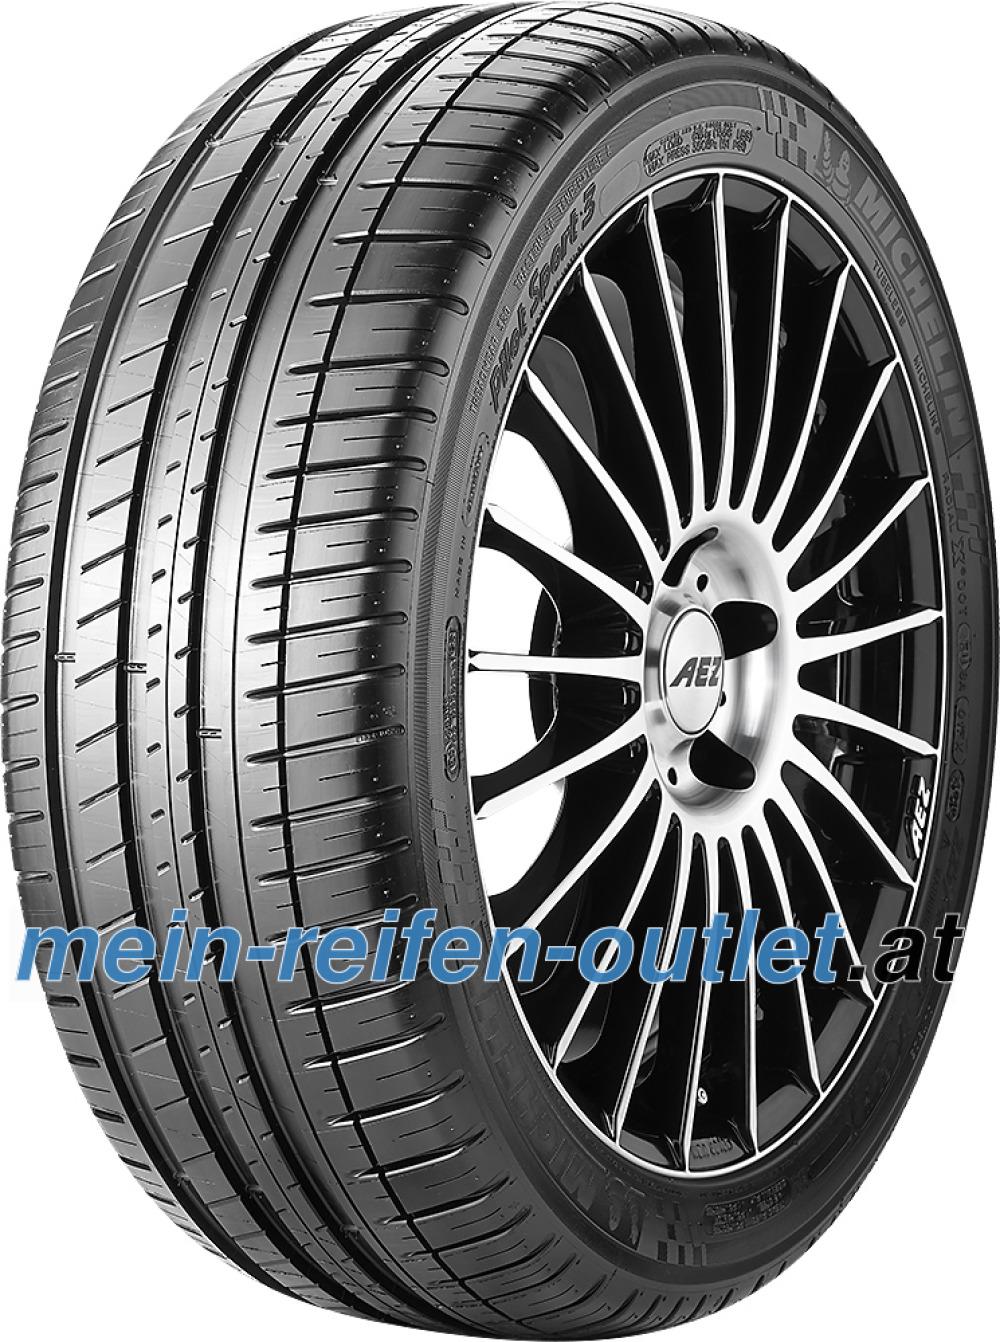 Michelin Pilot Sport 3 ( 235/45 ZR18 (98Y) XL GRNX, mit Felgenschutzleiste (FSL) )